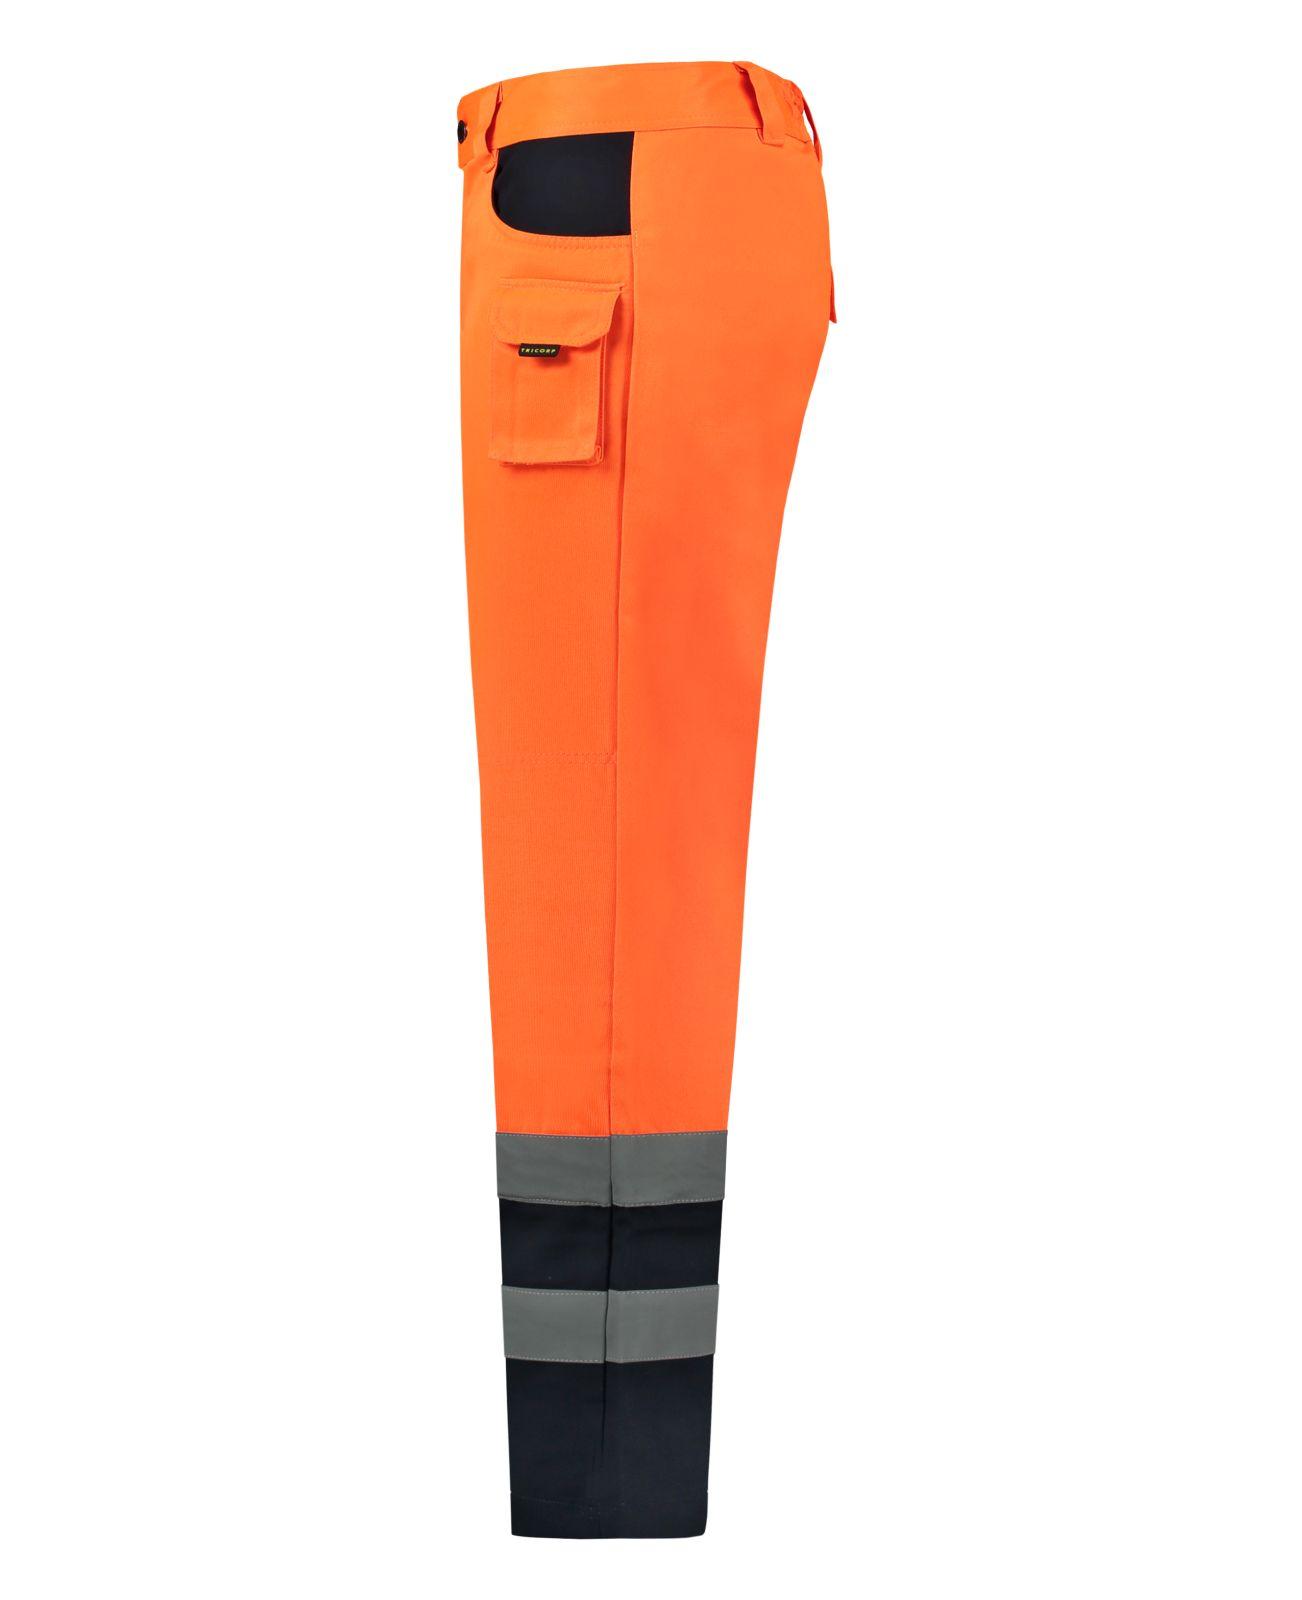 Tricorp Broeken 503002-TWE3001 EN 471 Kniezakken Polyester- katoen fluo oranje-marineblauw(OrangeNavy)